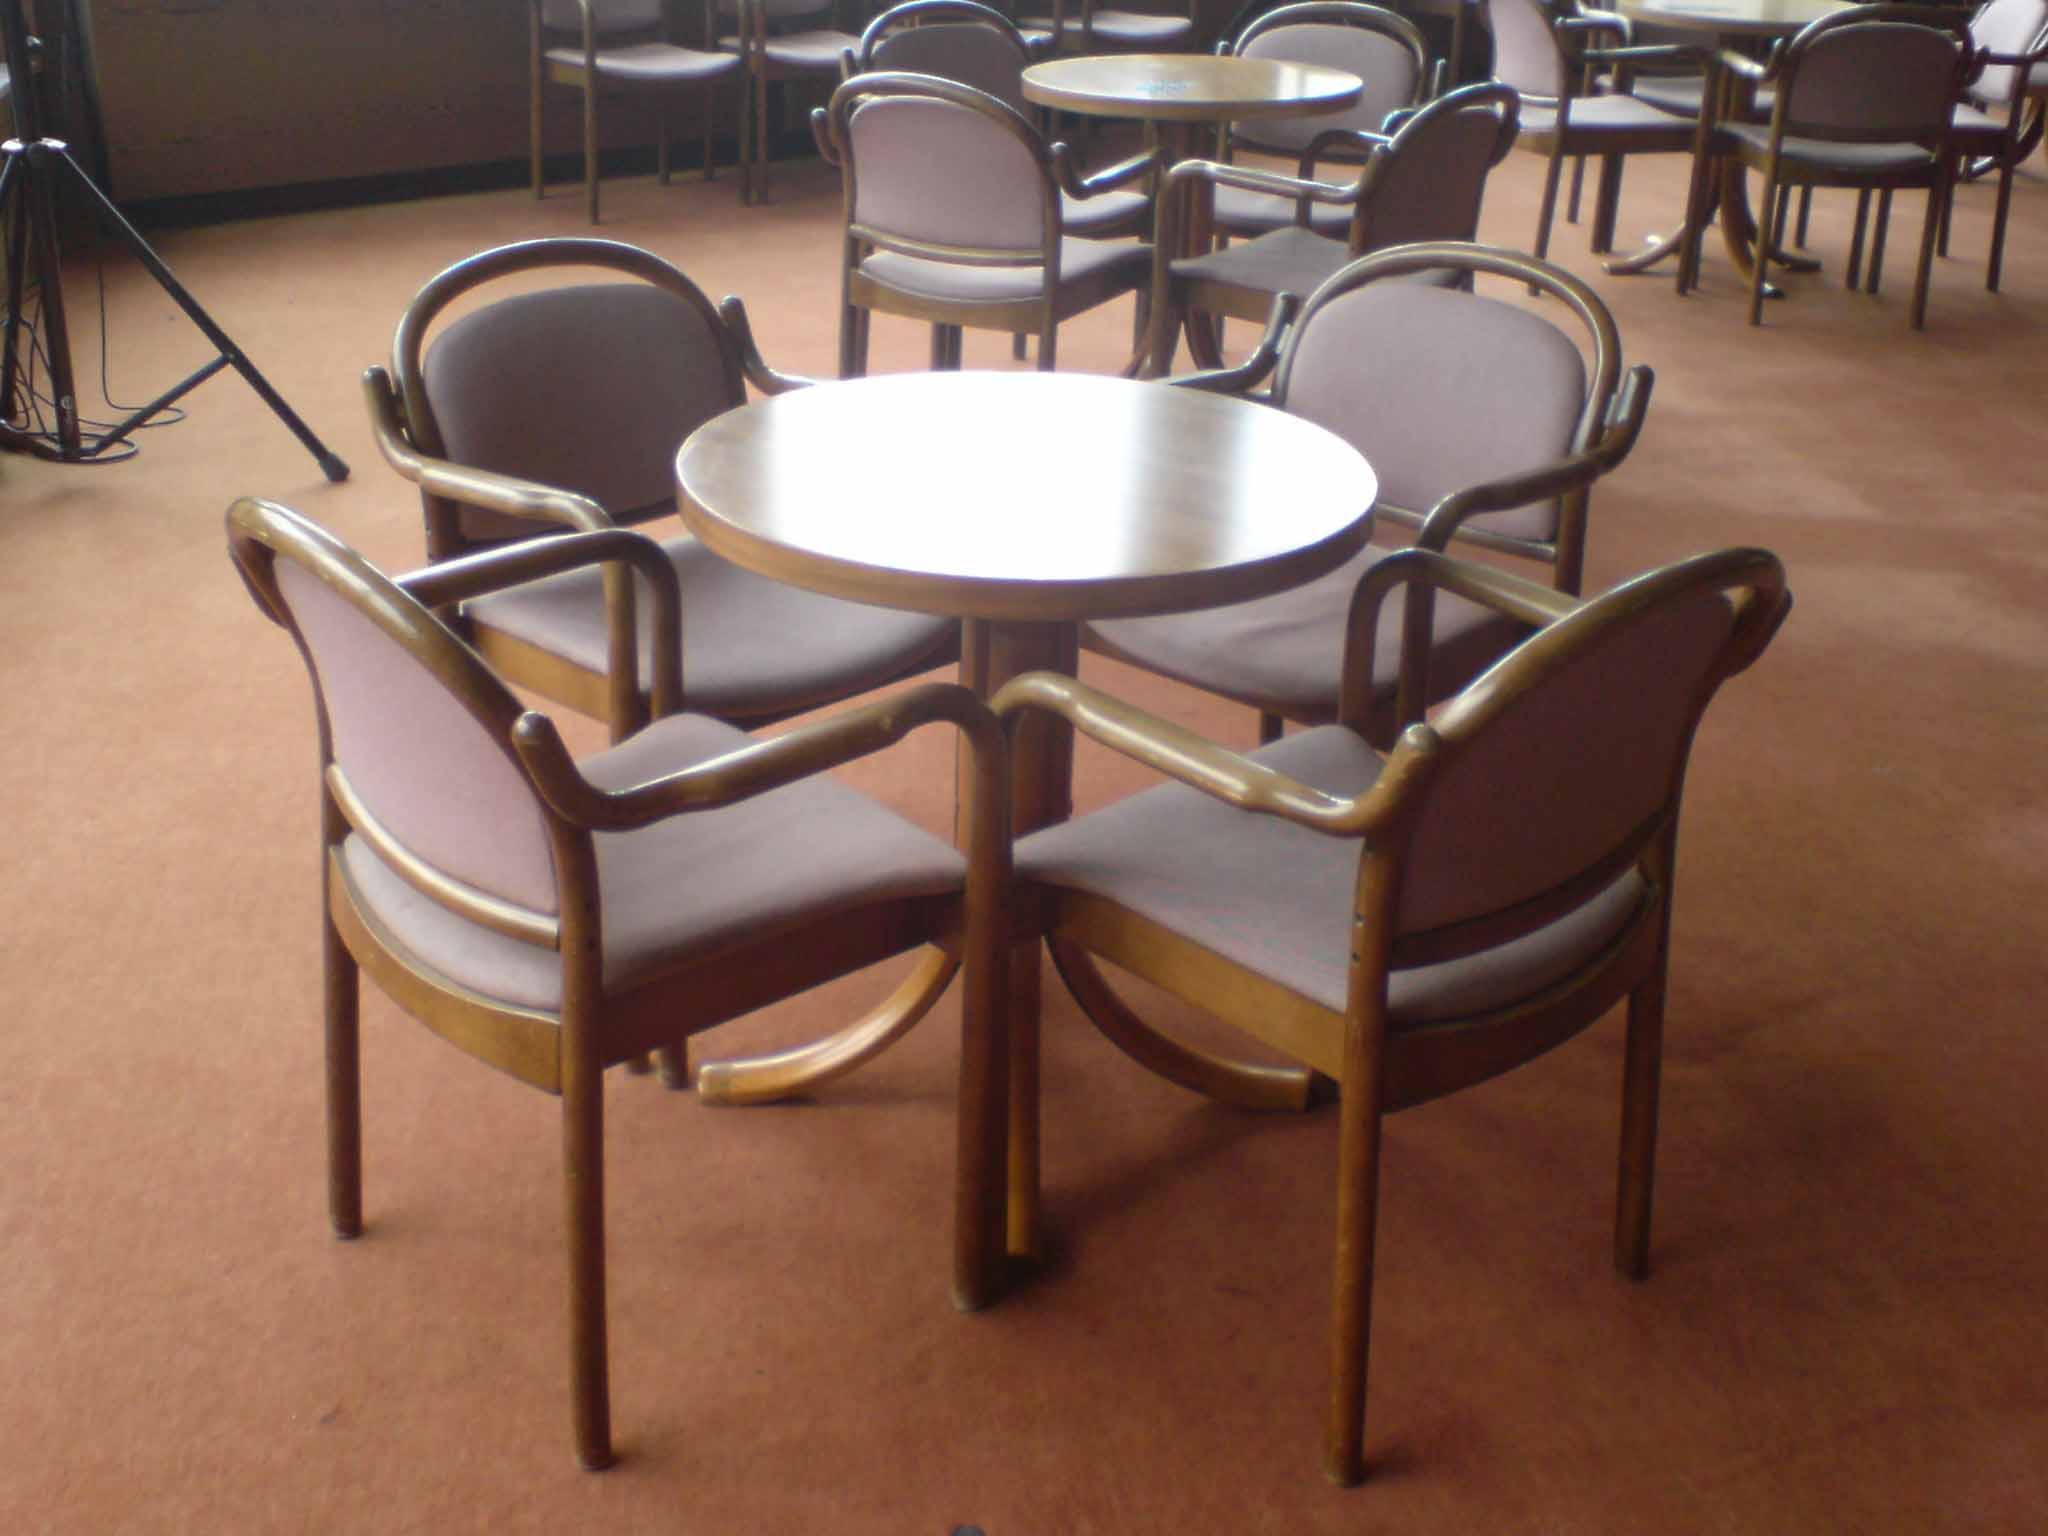 Bistrobestuhlung Tisch 70cm Ø / 73cm Hoch mit 4 Stühle 23 Stück